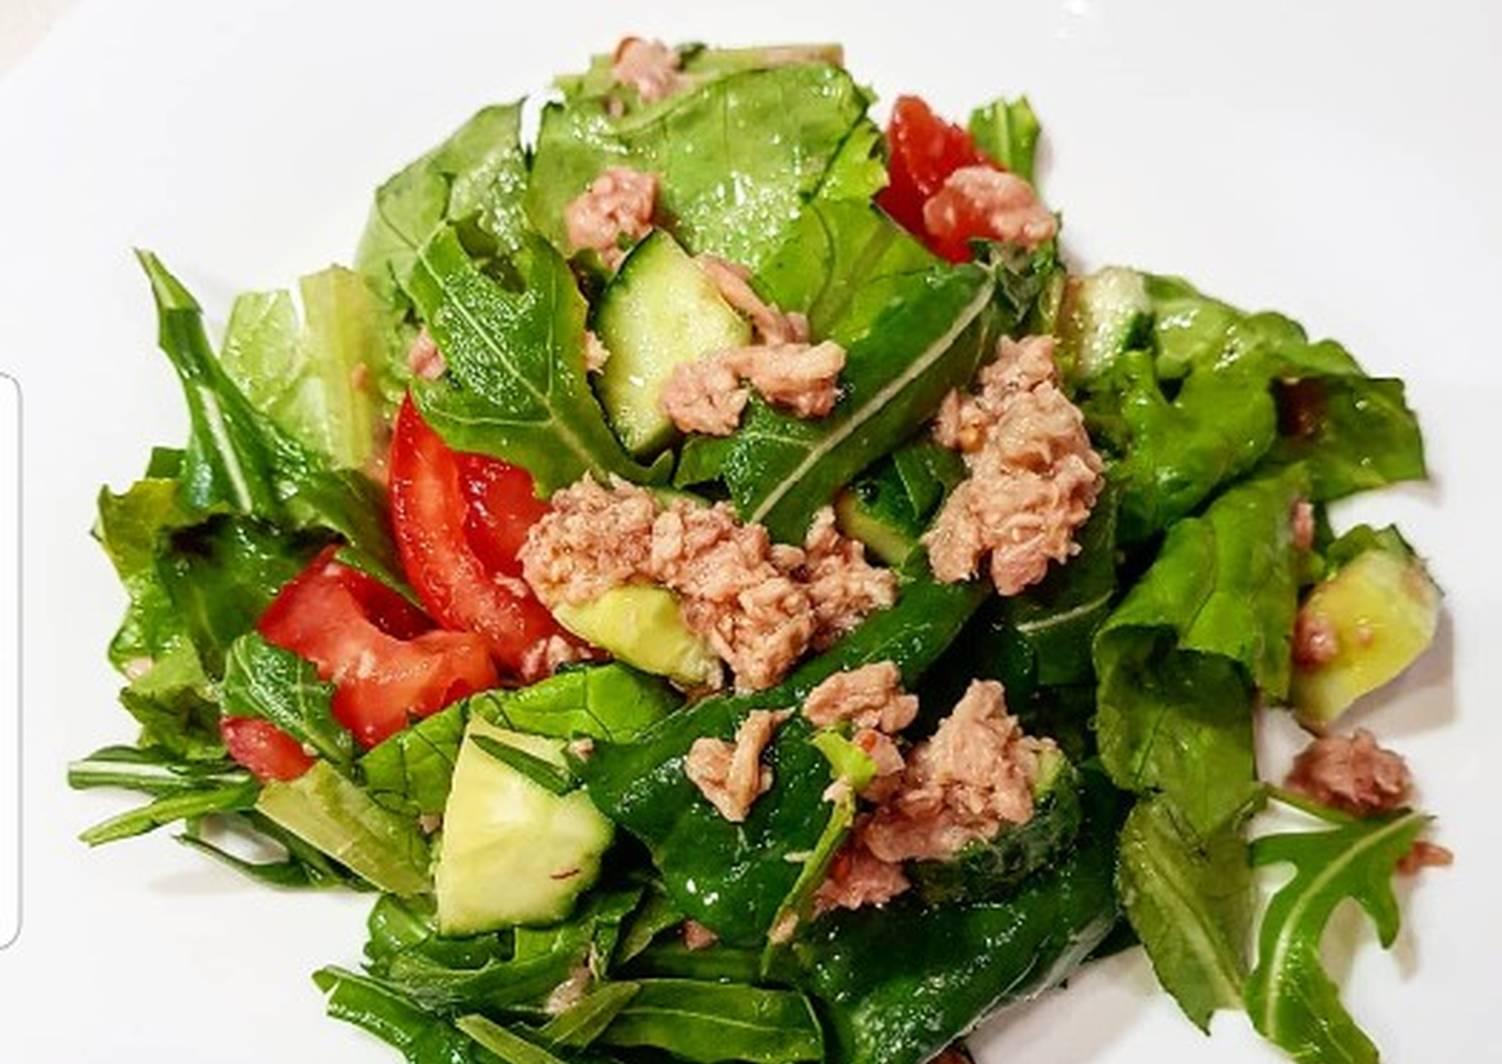 тунец салатный в масле рецепты с фото учёбой работал